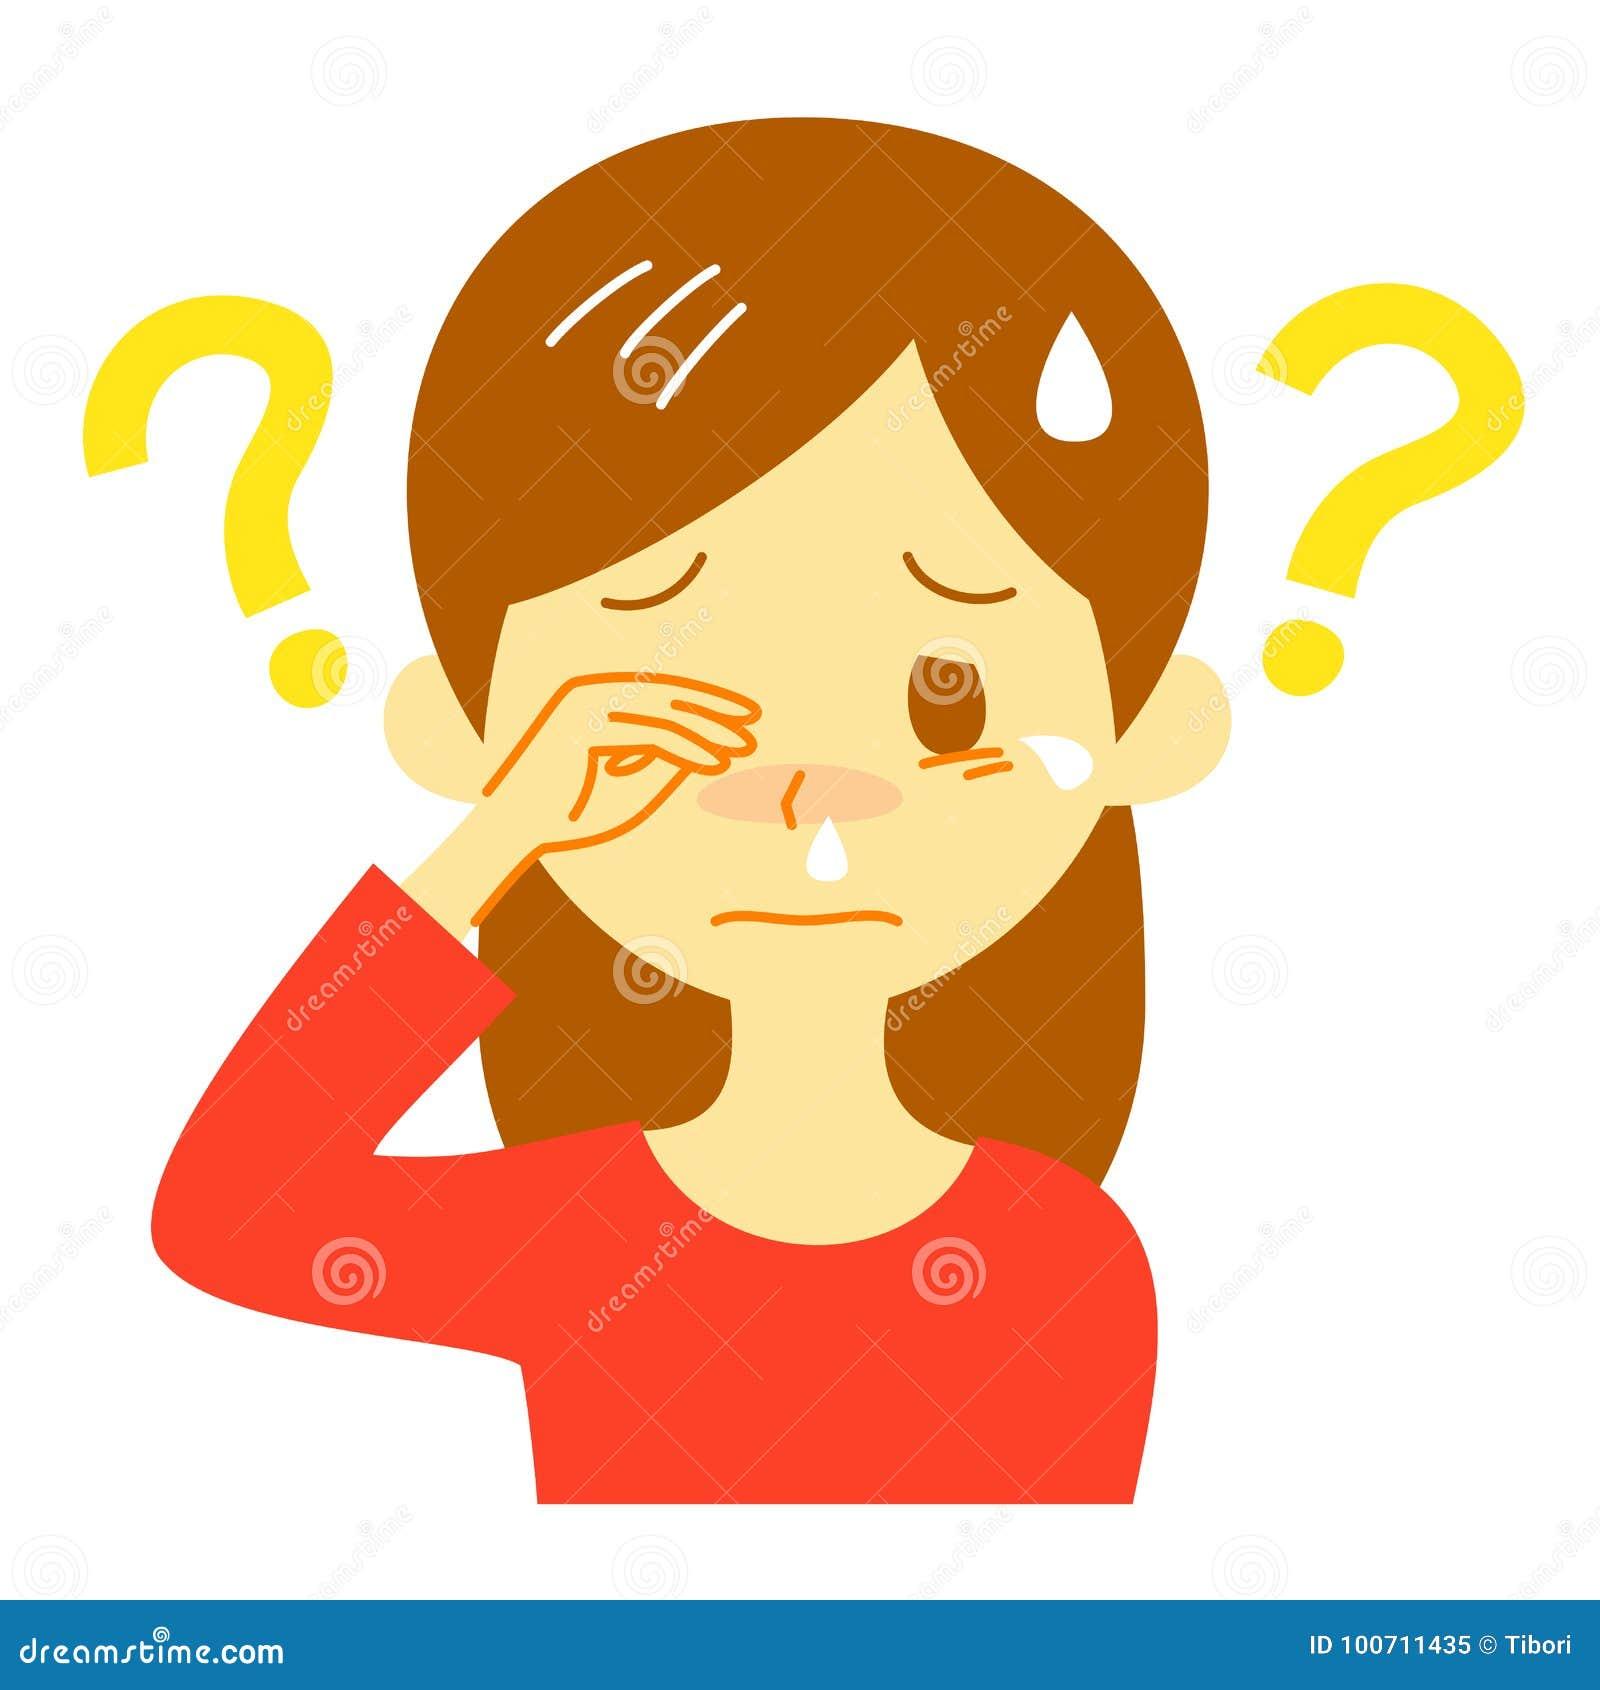 Allergiesymptom, unbekannte Ursache, denkende Frau